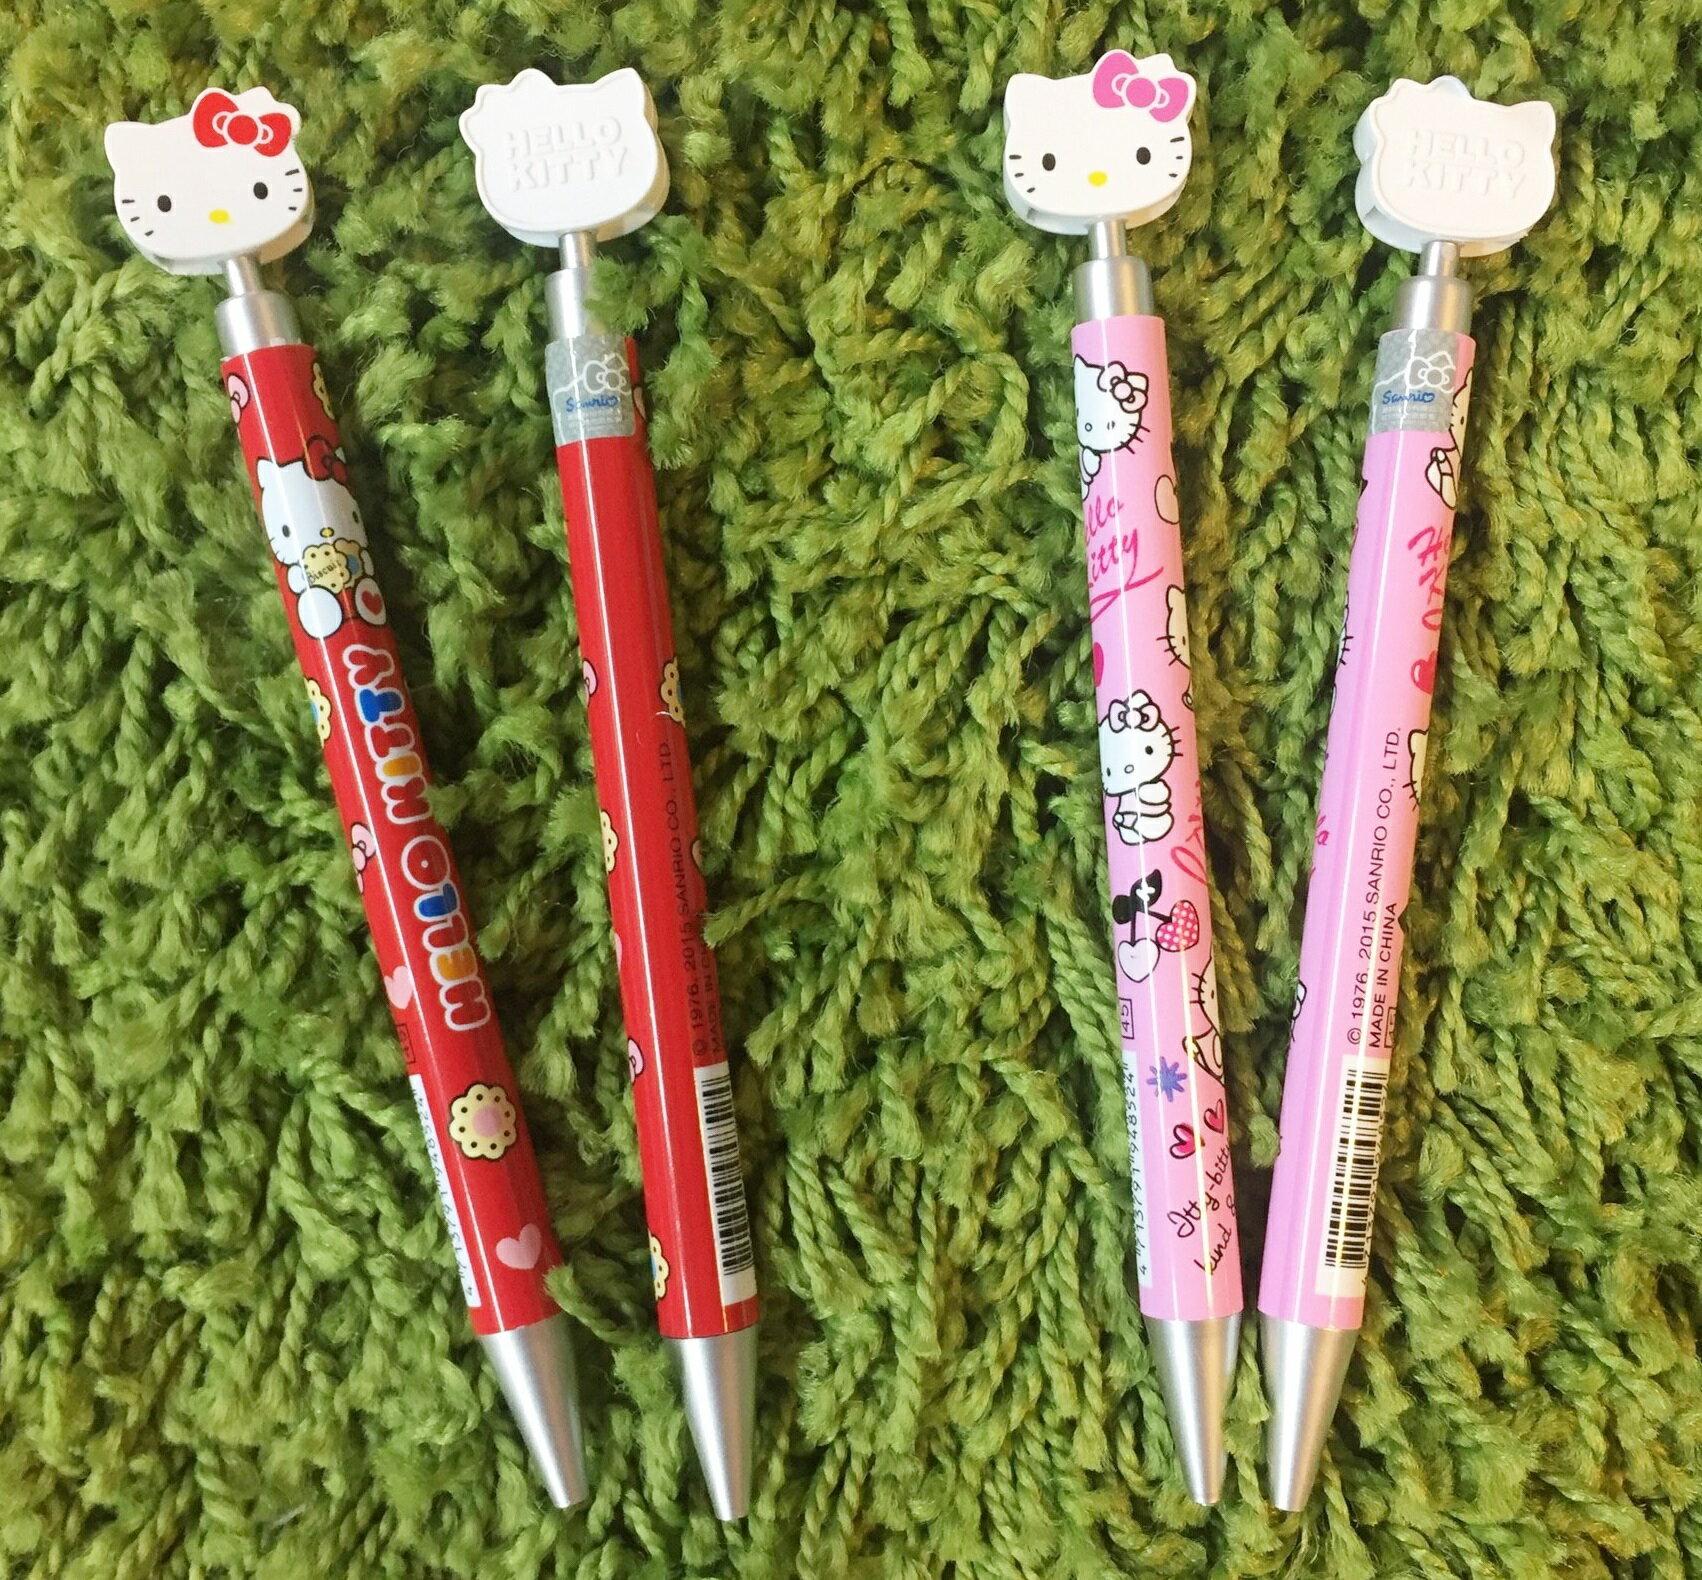 【真愛日本】16041500001臉型按壓自動鉛筆-2款   三麗鷗 Hello Kitty 凱蒂貓   自動鉛筆  文具用品